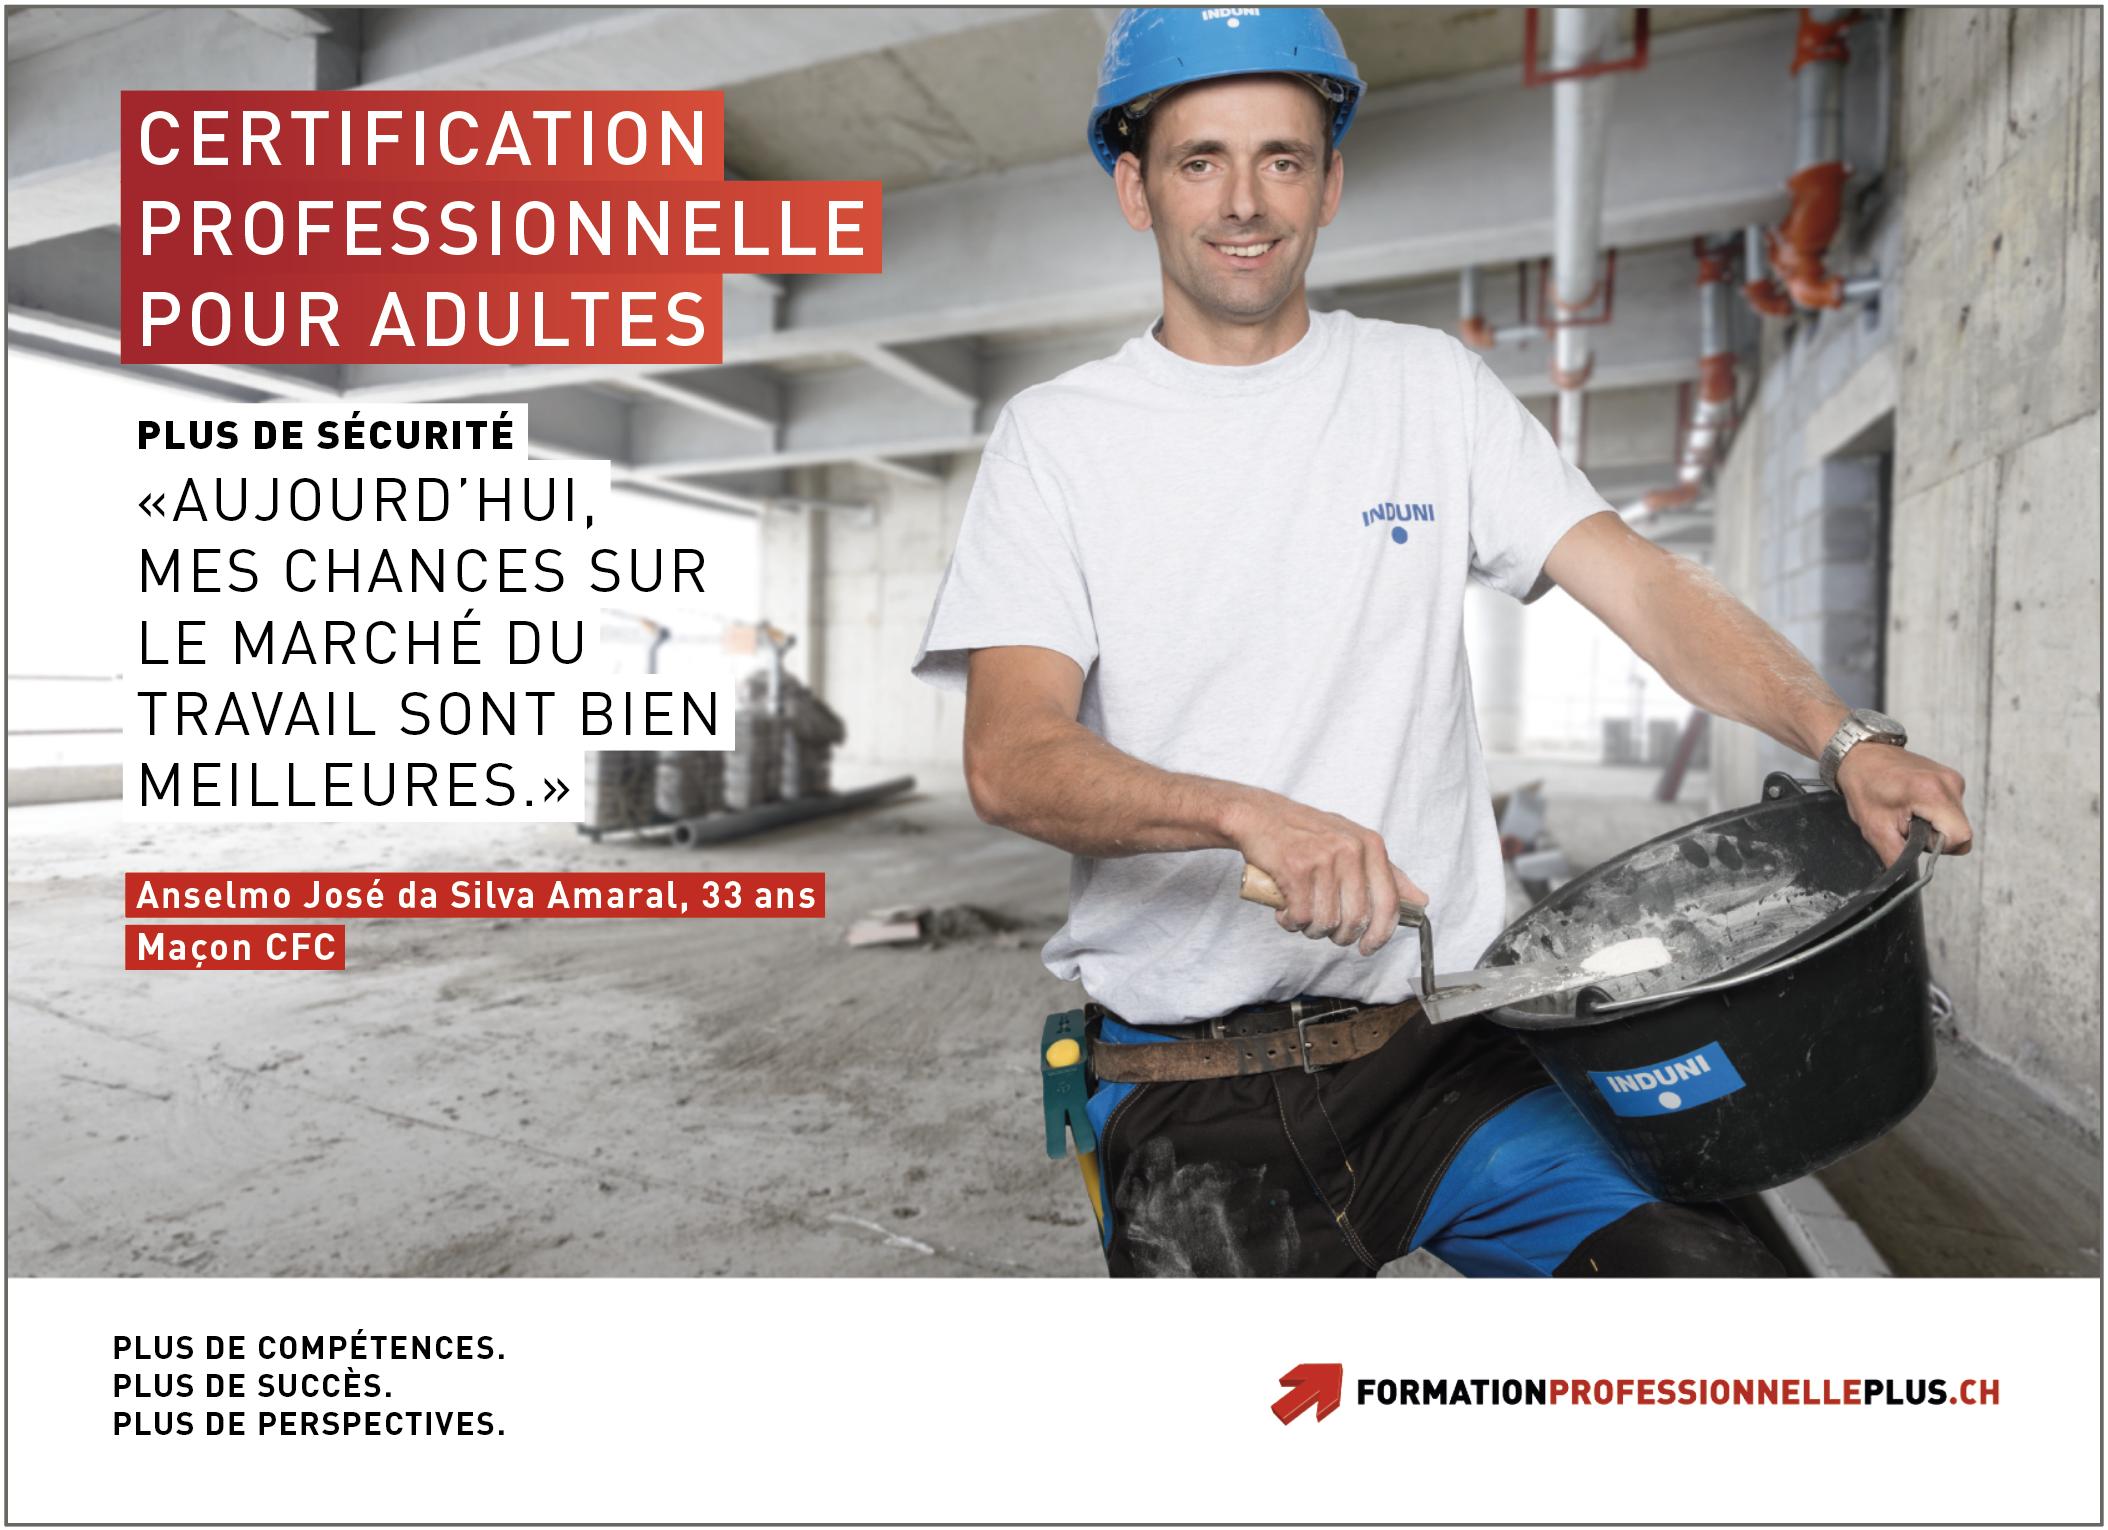 À l'instar des campagnes de pub, les tableaux de prise en compte des acquis sont un moyen d'encourager les adultes à obtenir une certification professionnelle. (Photo: SEFRI)